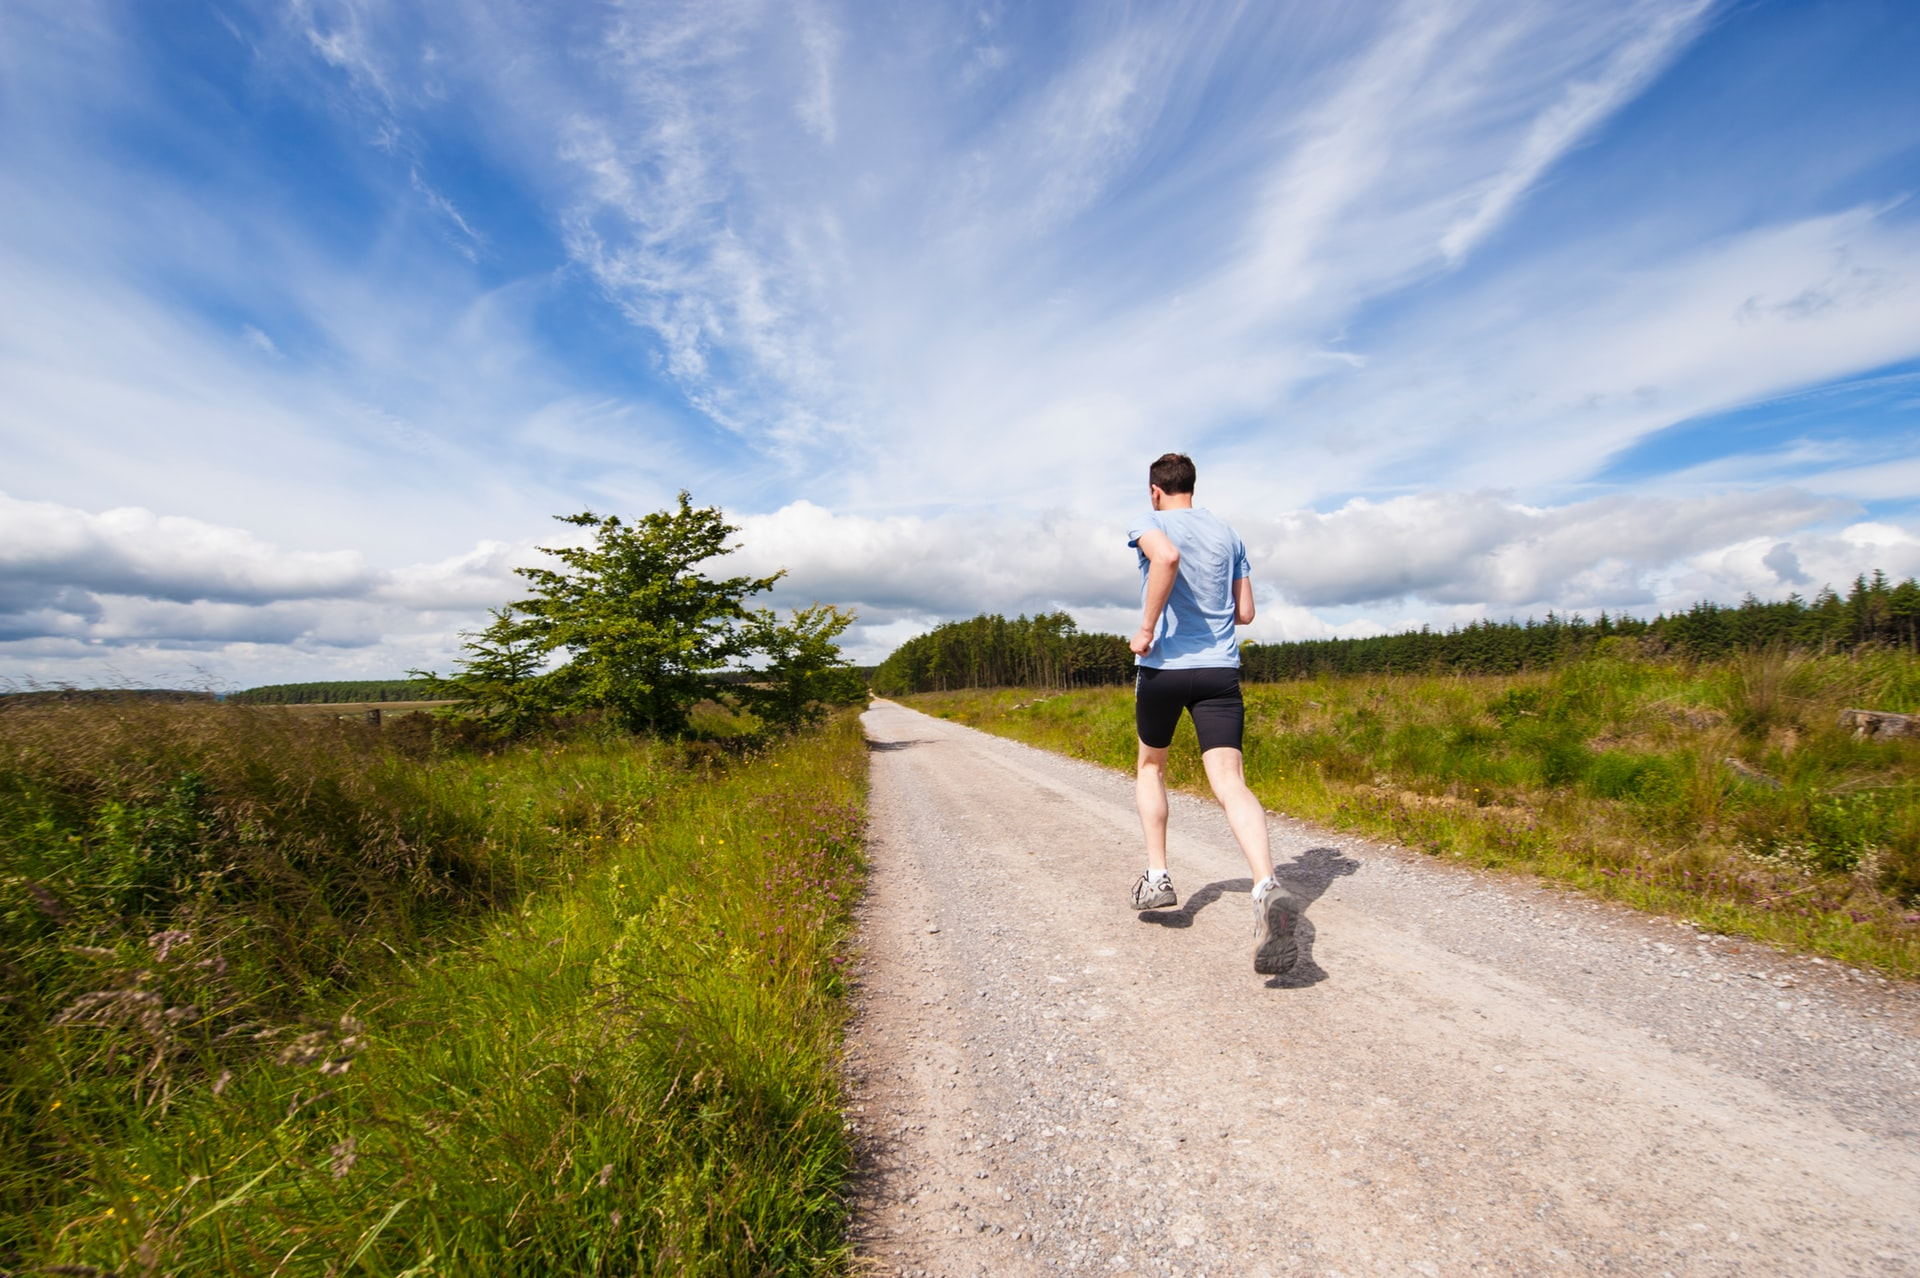 Man running along a sand road